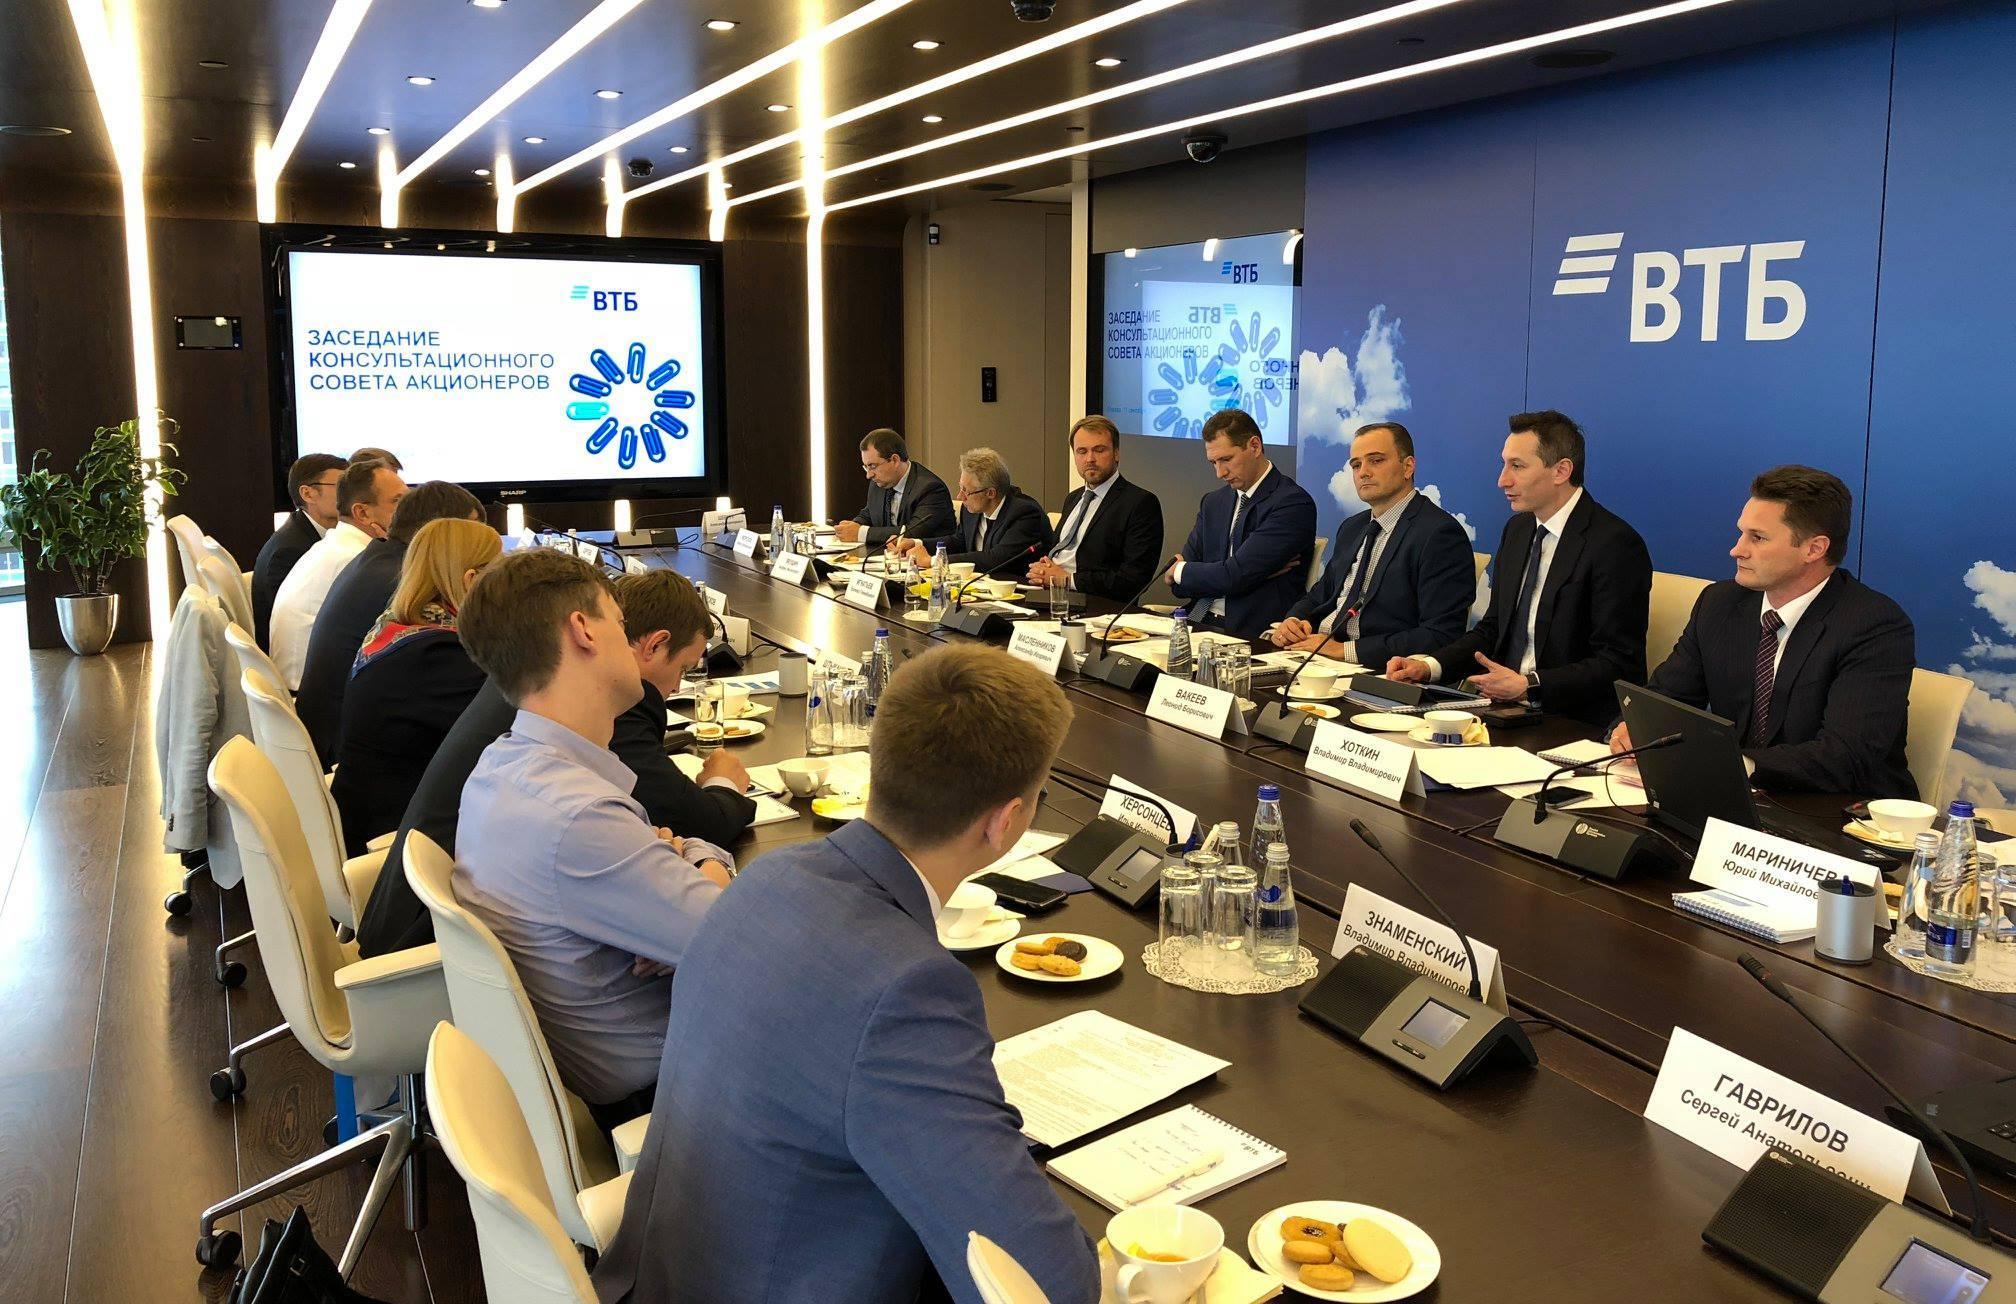 Количество акционеров ВТБ в Тверской области увеличилось в 2,5 раза - новости Афанасий